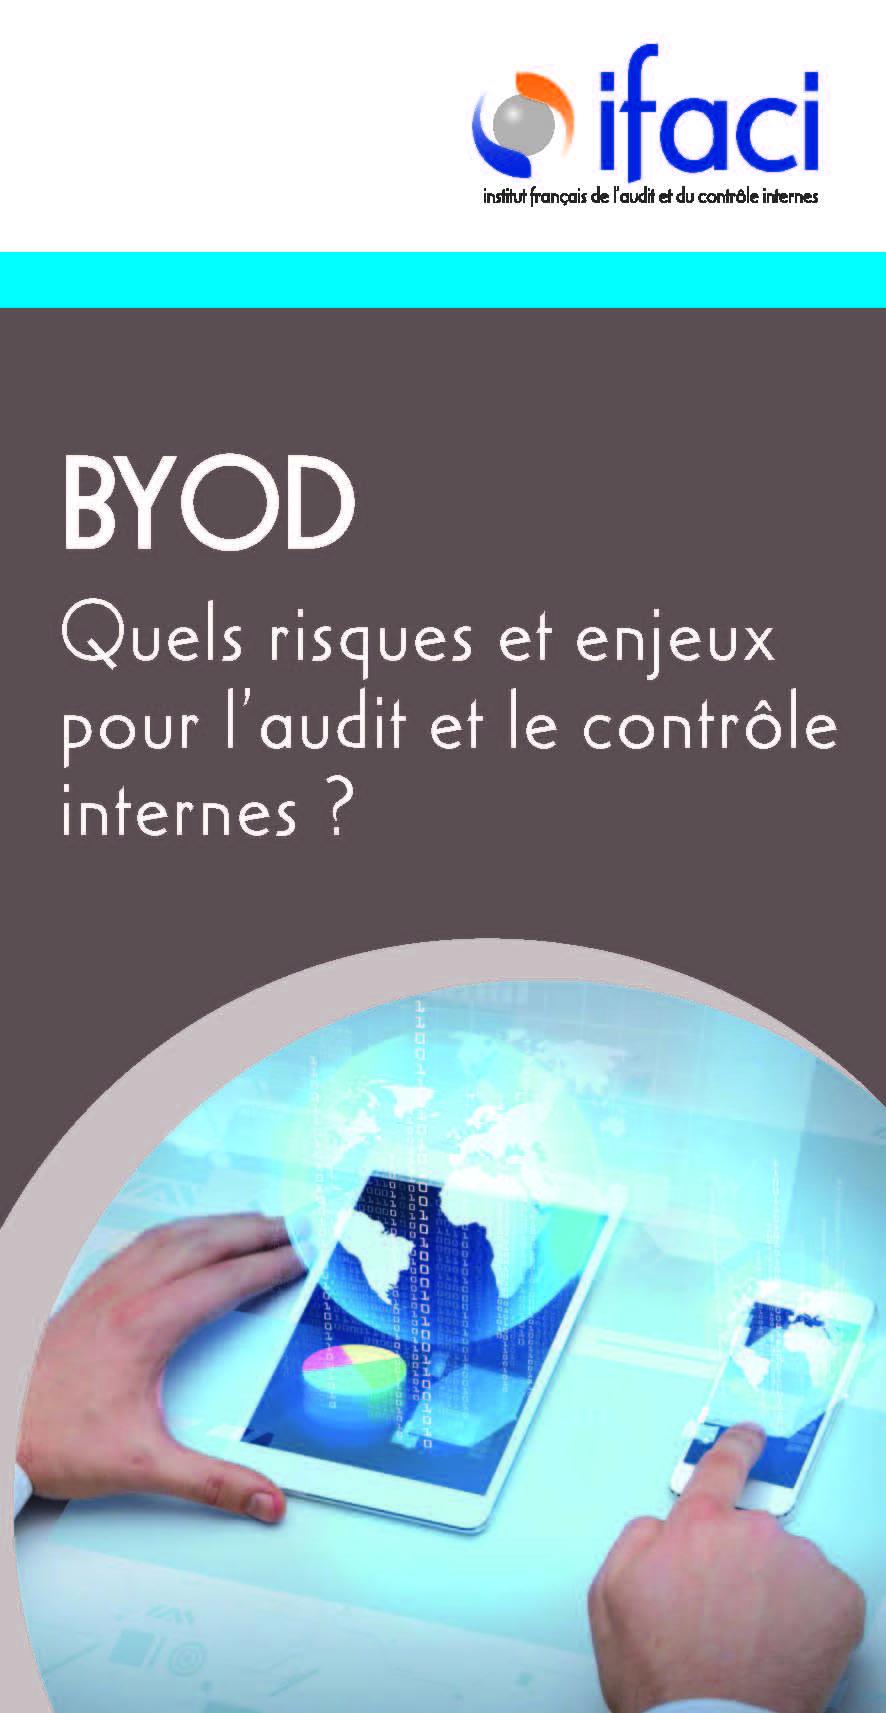 BOYD : Quels risques et enjeux pour l'audit et le contrôle internes ?